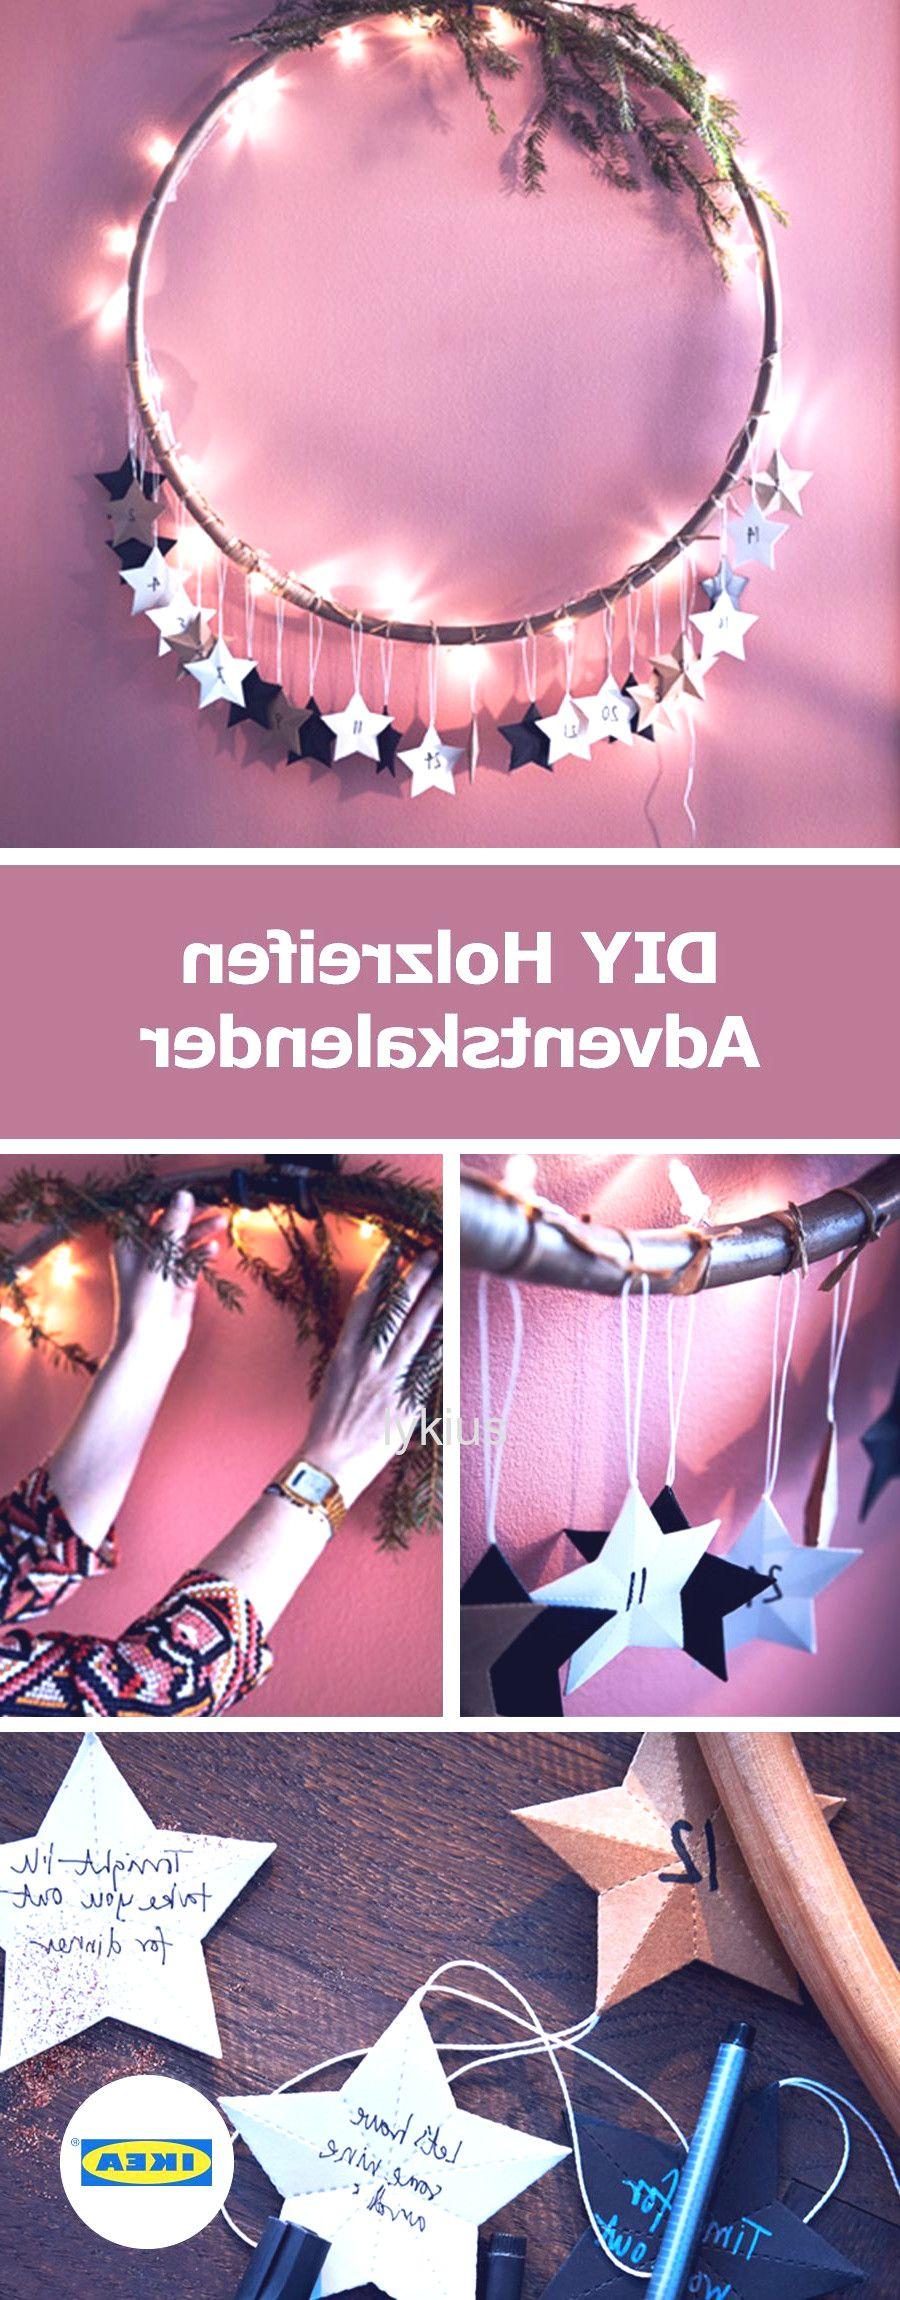 weihnachten im glas #weihnachten #2020 IKEA Deutschland | Lass den Adventstag fr deine Liebsten mit einem netten Kompliment oder der Ankndigung einer kleinen berraschung beginnen die du auf Papiersterne schreibst. Den Hula-Hoop haben wir mit Zweigen und einer Lichterkette dekoriert und Sterne fr jeden Tag daran gehngt. #Adventskalender #DIY #Ideen #Weihnachten #ikeadeutschlandweihnachten